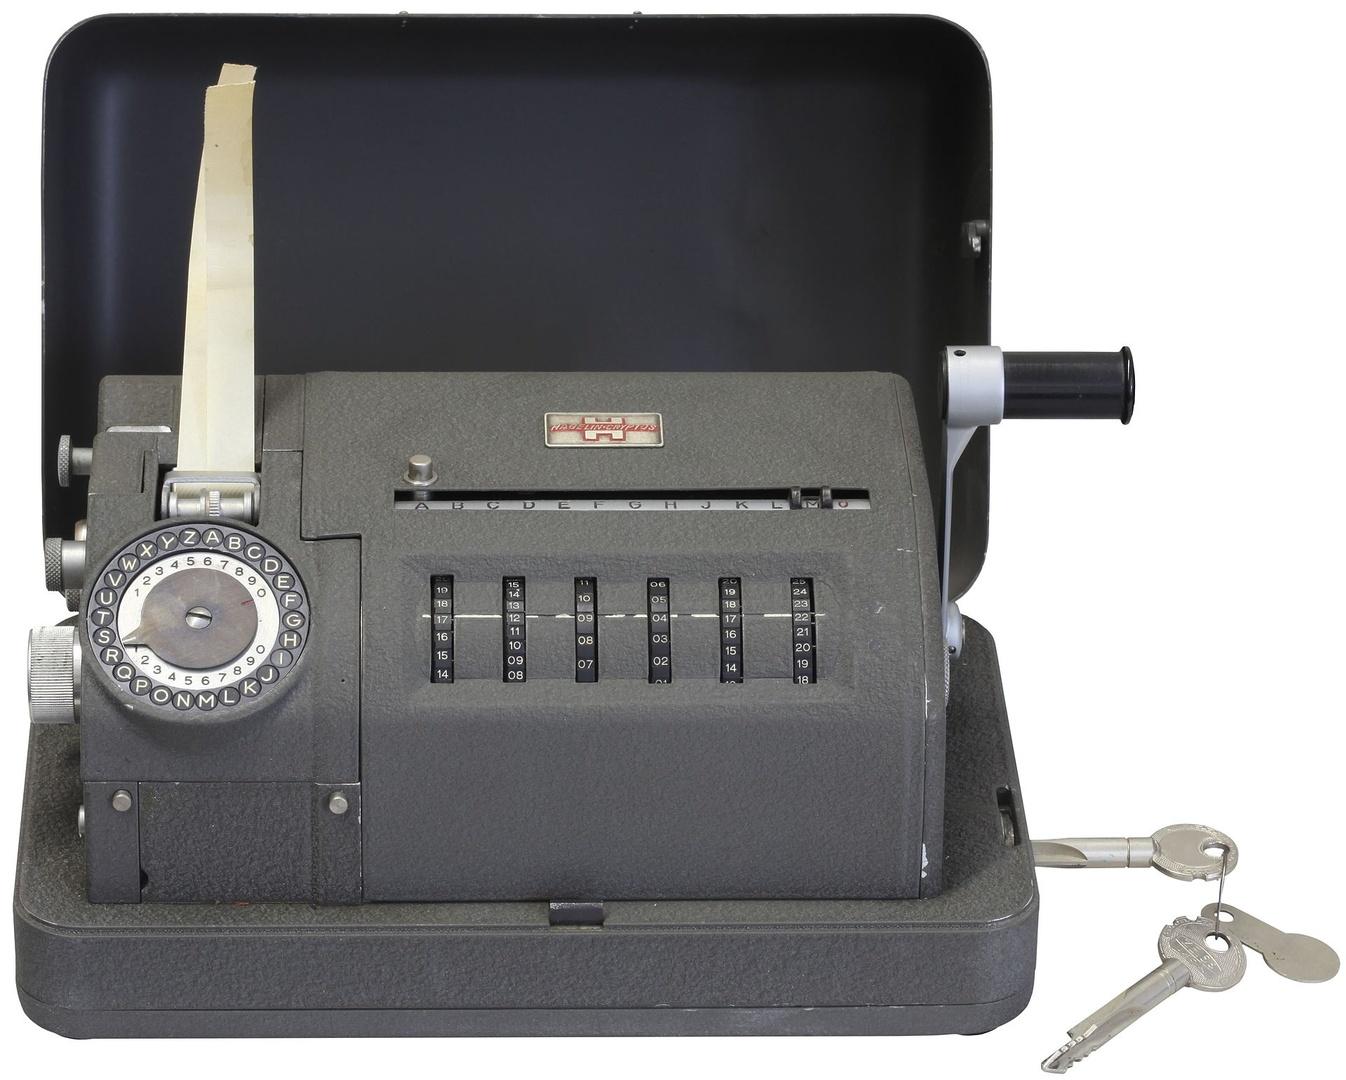 Mit dem manipulierten Chiffriergerät CX-52 konnten BND und CIA Staaten abhören